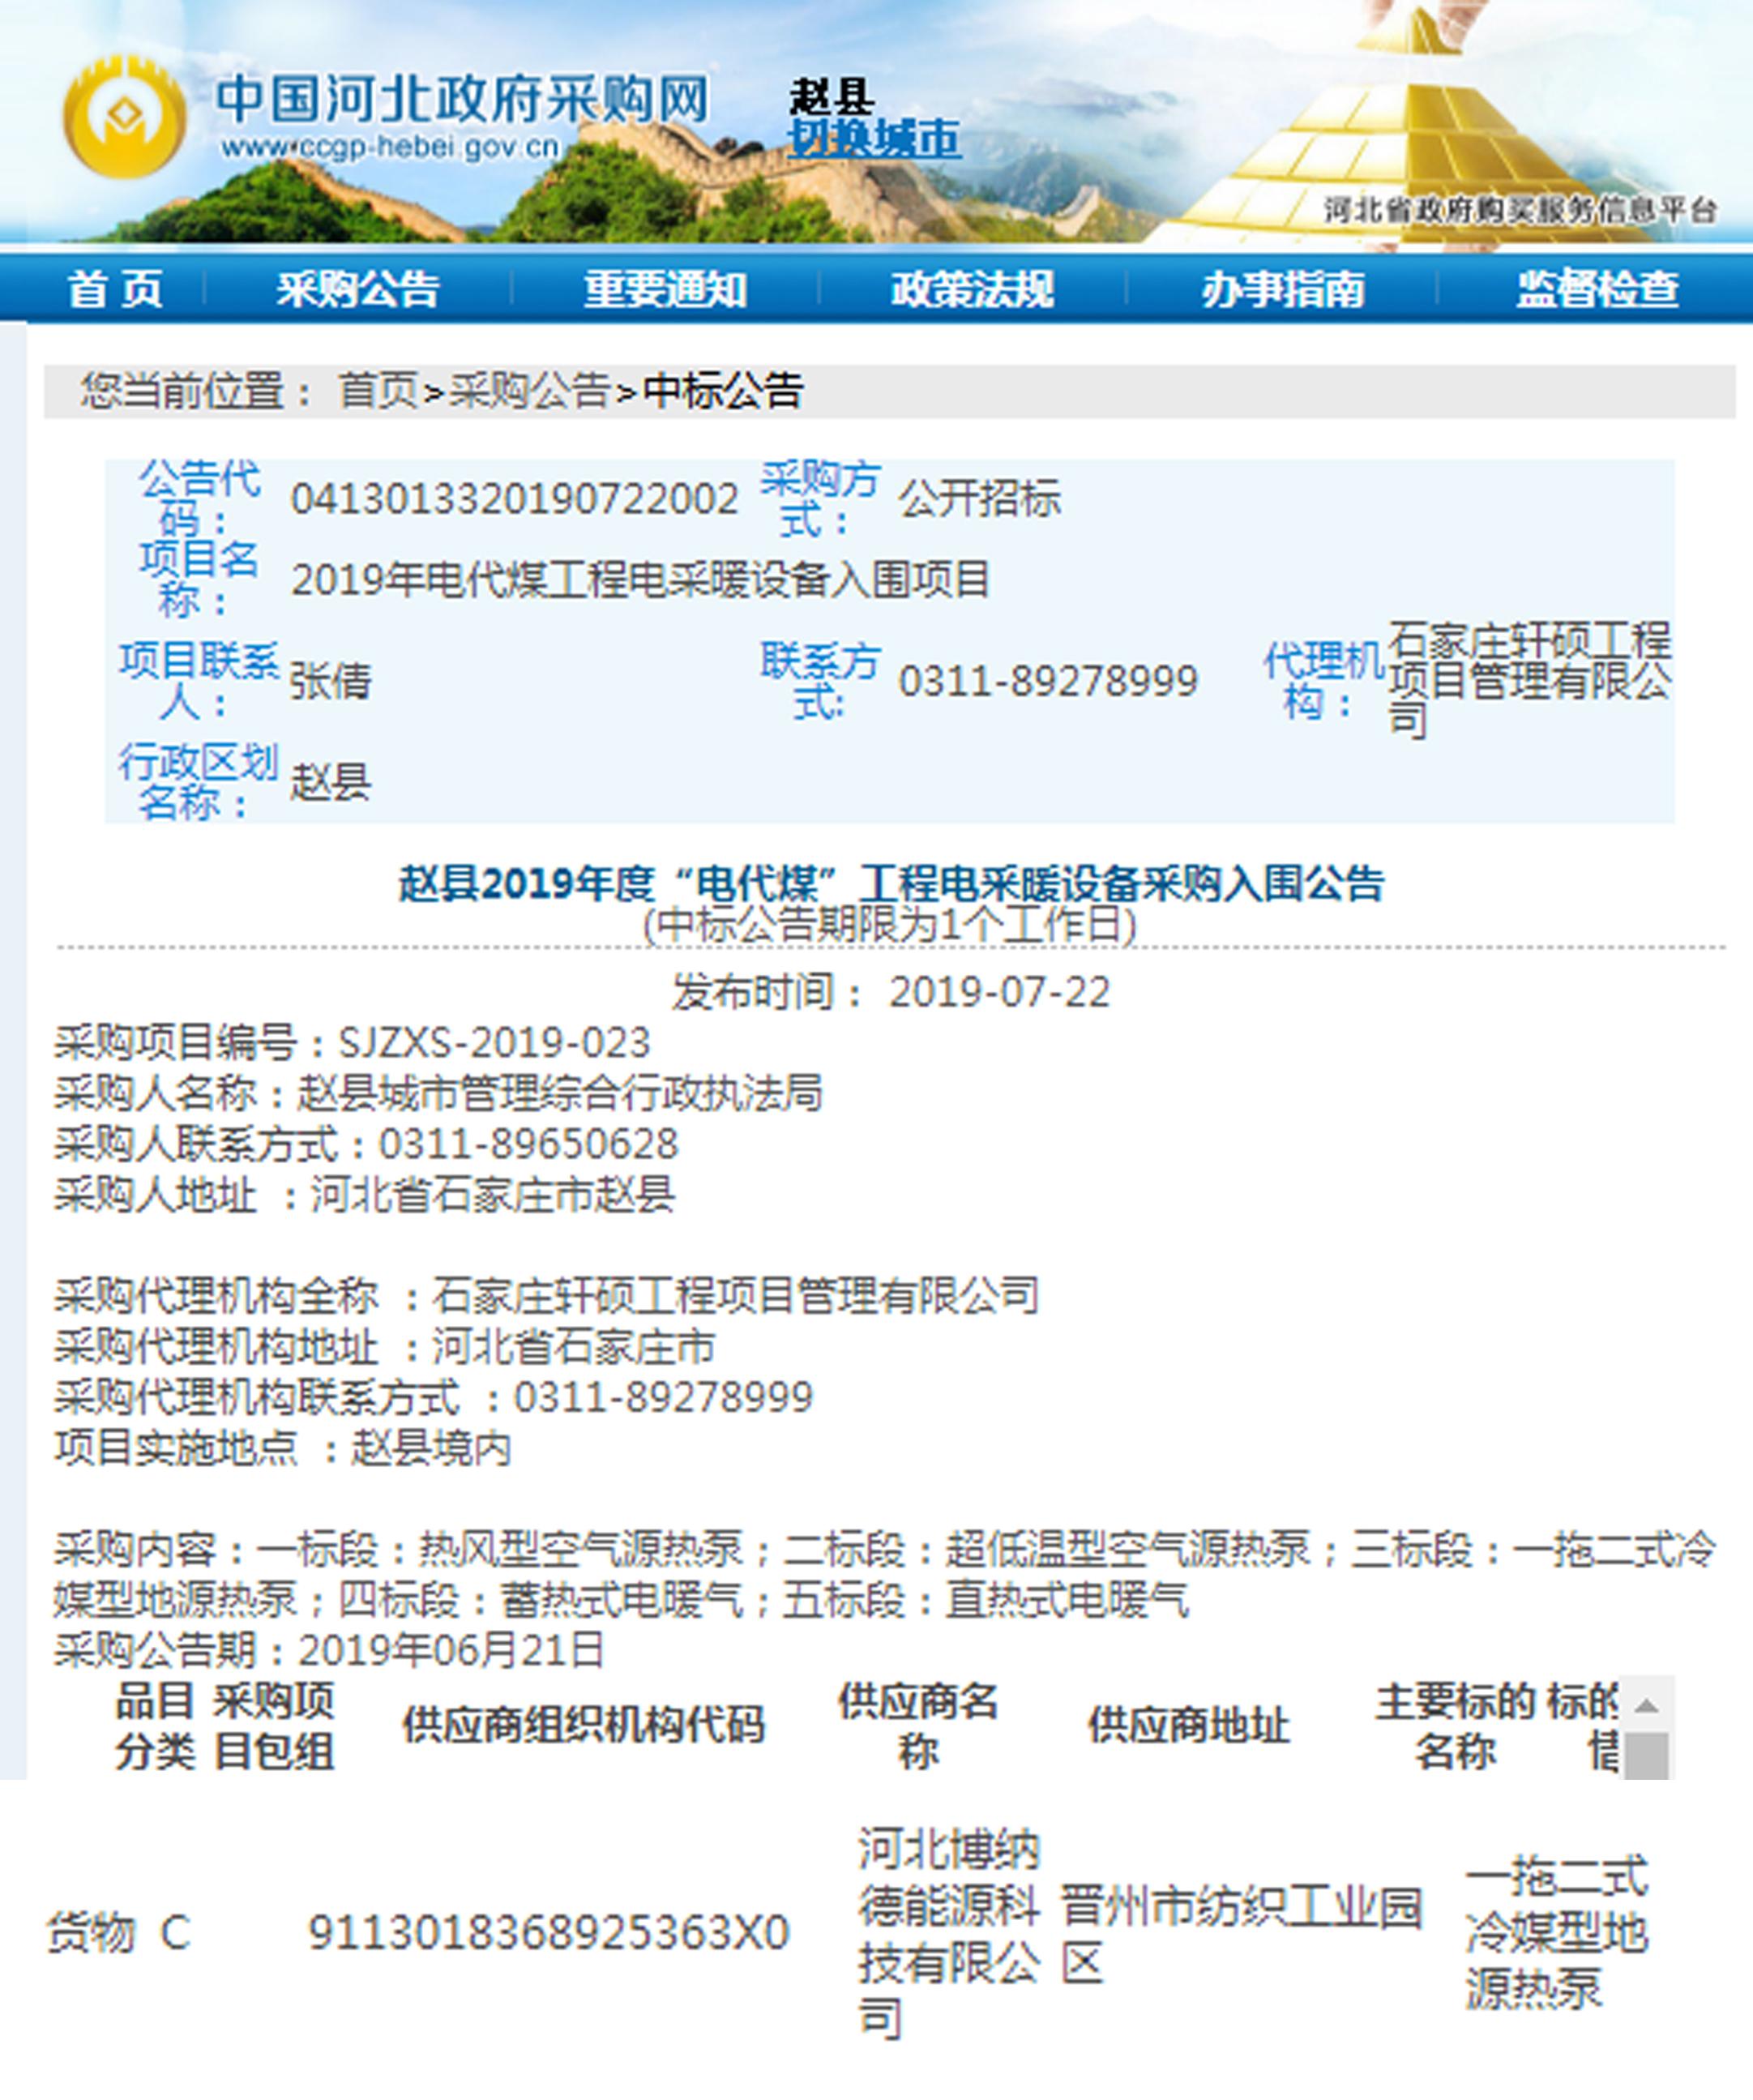 """再传捷报!淘宝彩票为什么停售了助力赵县2019年度 """"电代煤""""工程"""